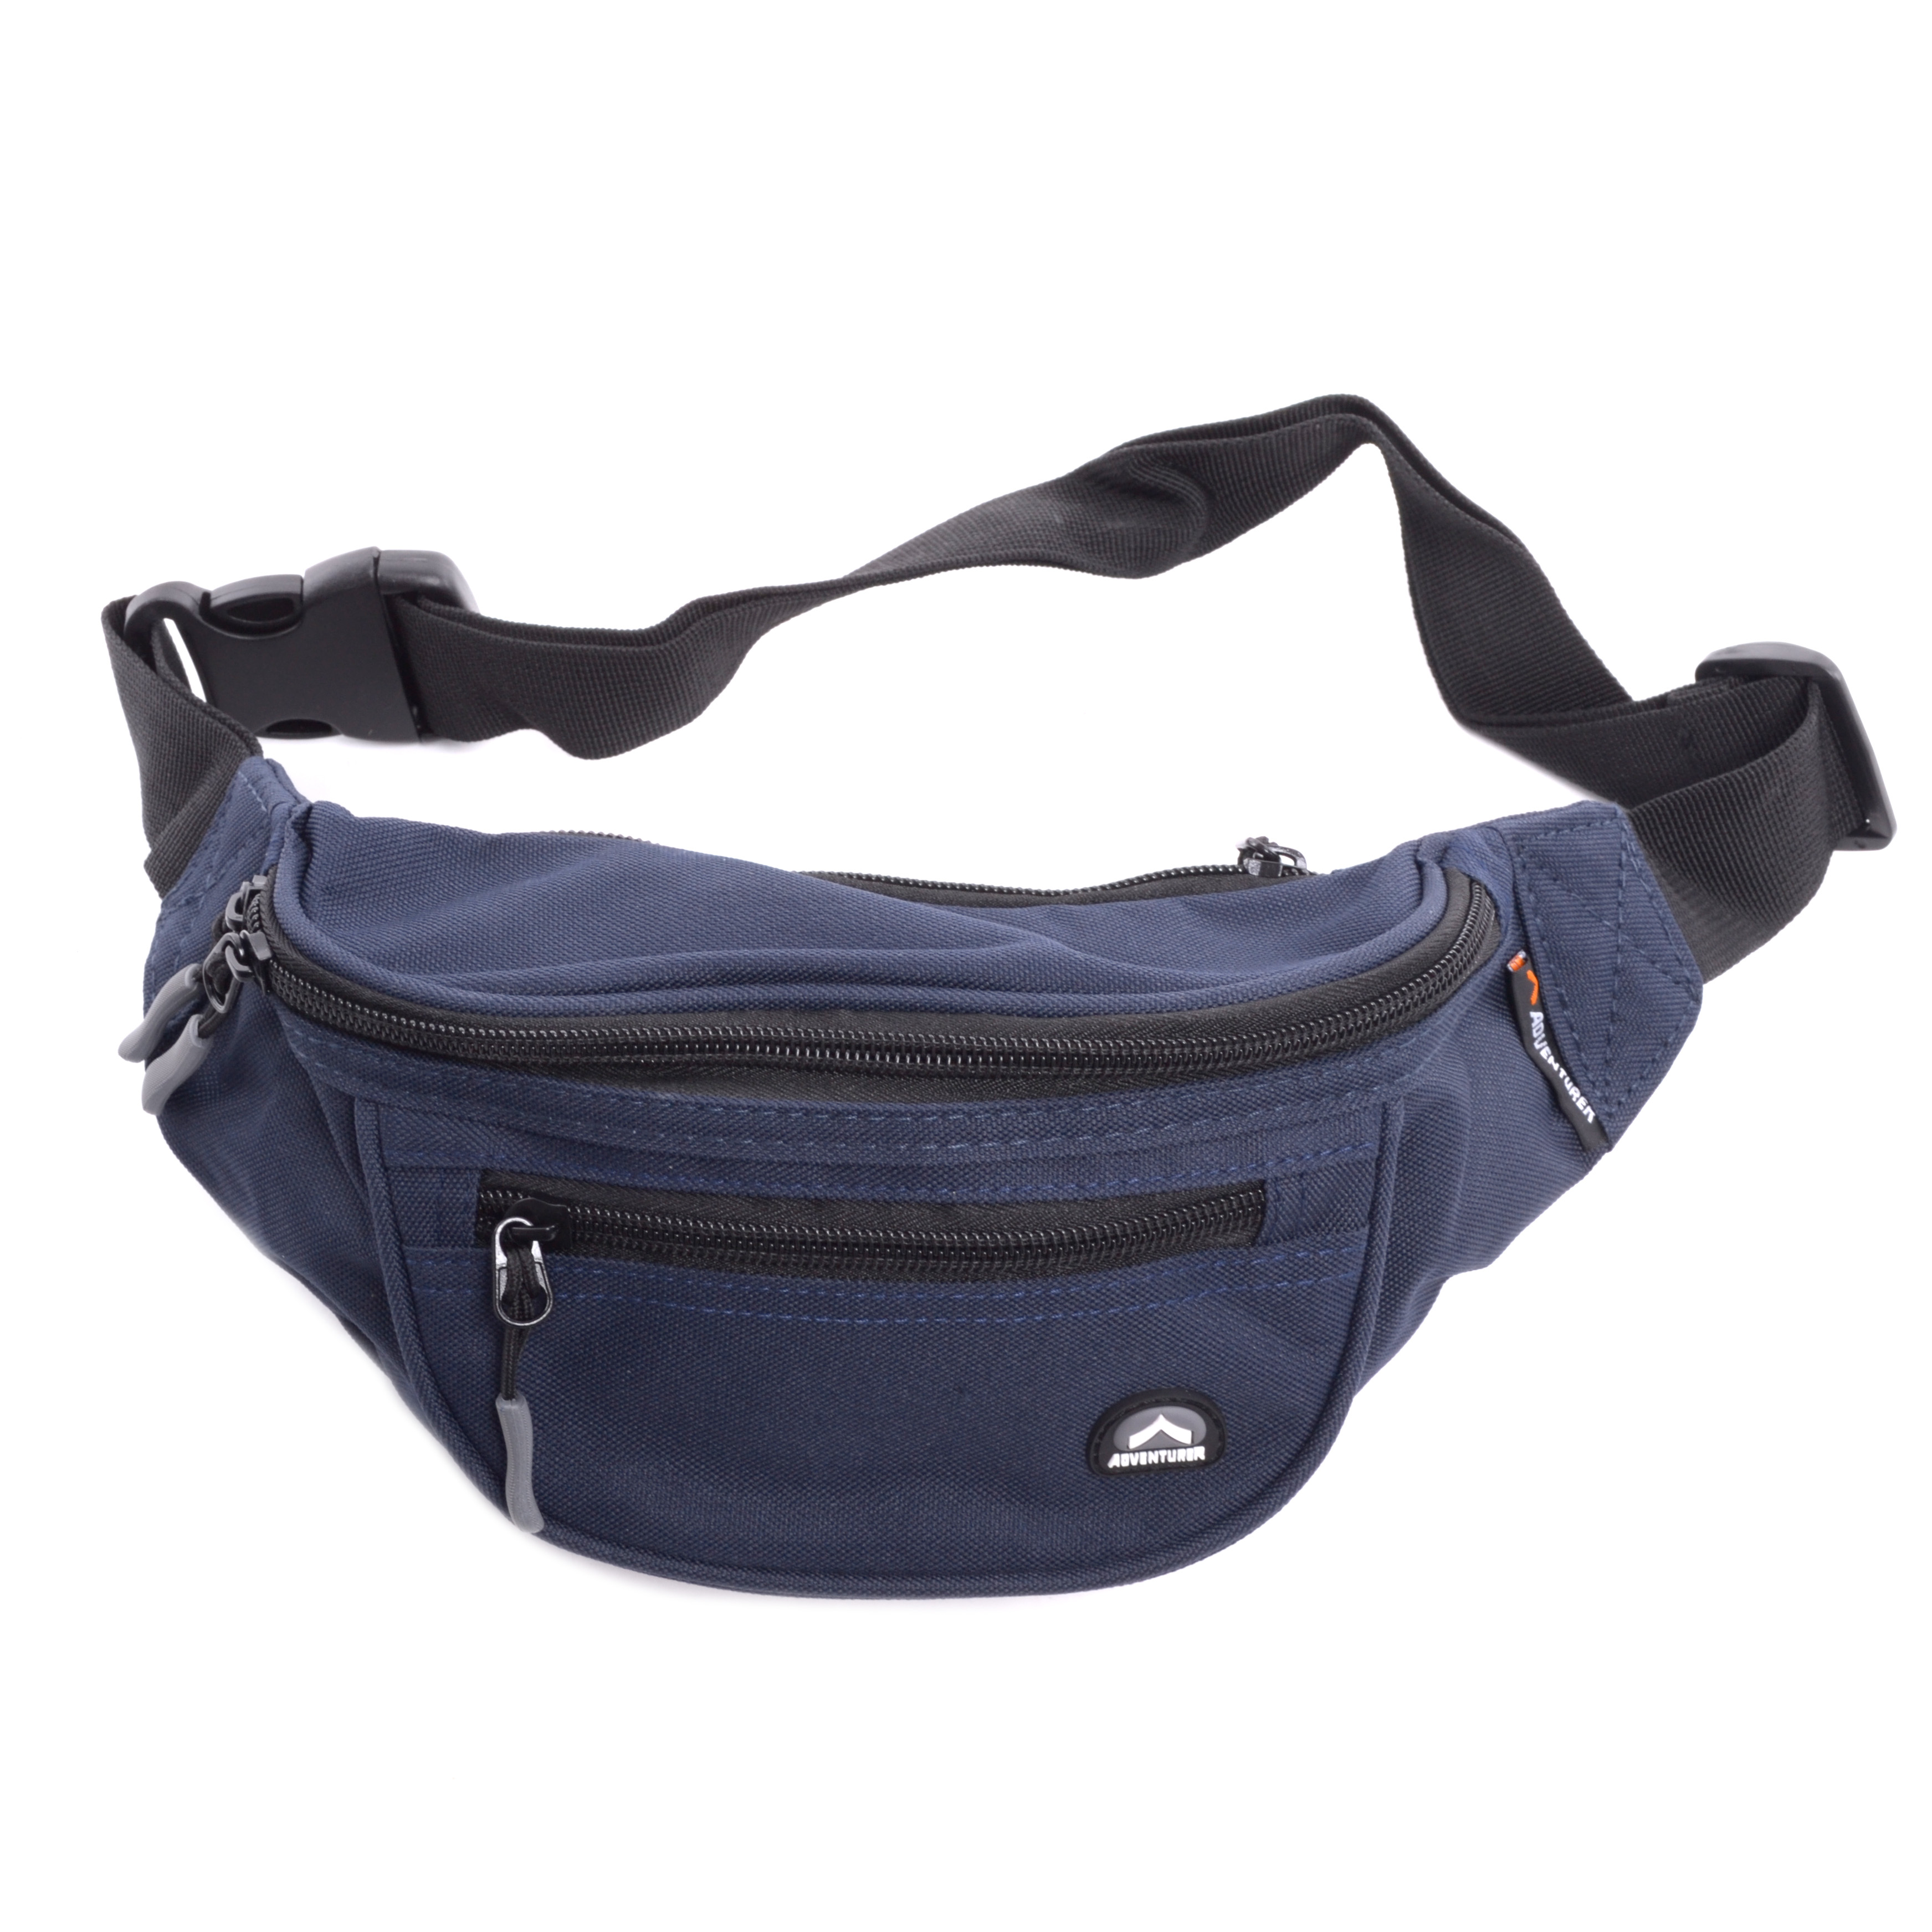 ea0205ea9112 Adventurer Poliészter Ővtáska - ÖVTÁSKÁK - Táska webáruház - Minőségi táskák  mindenkinek